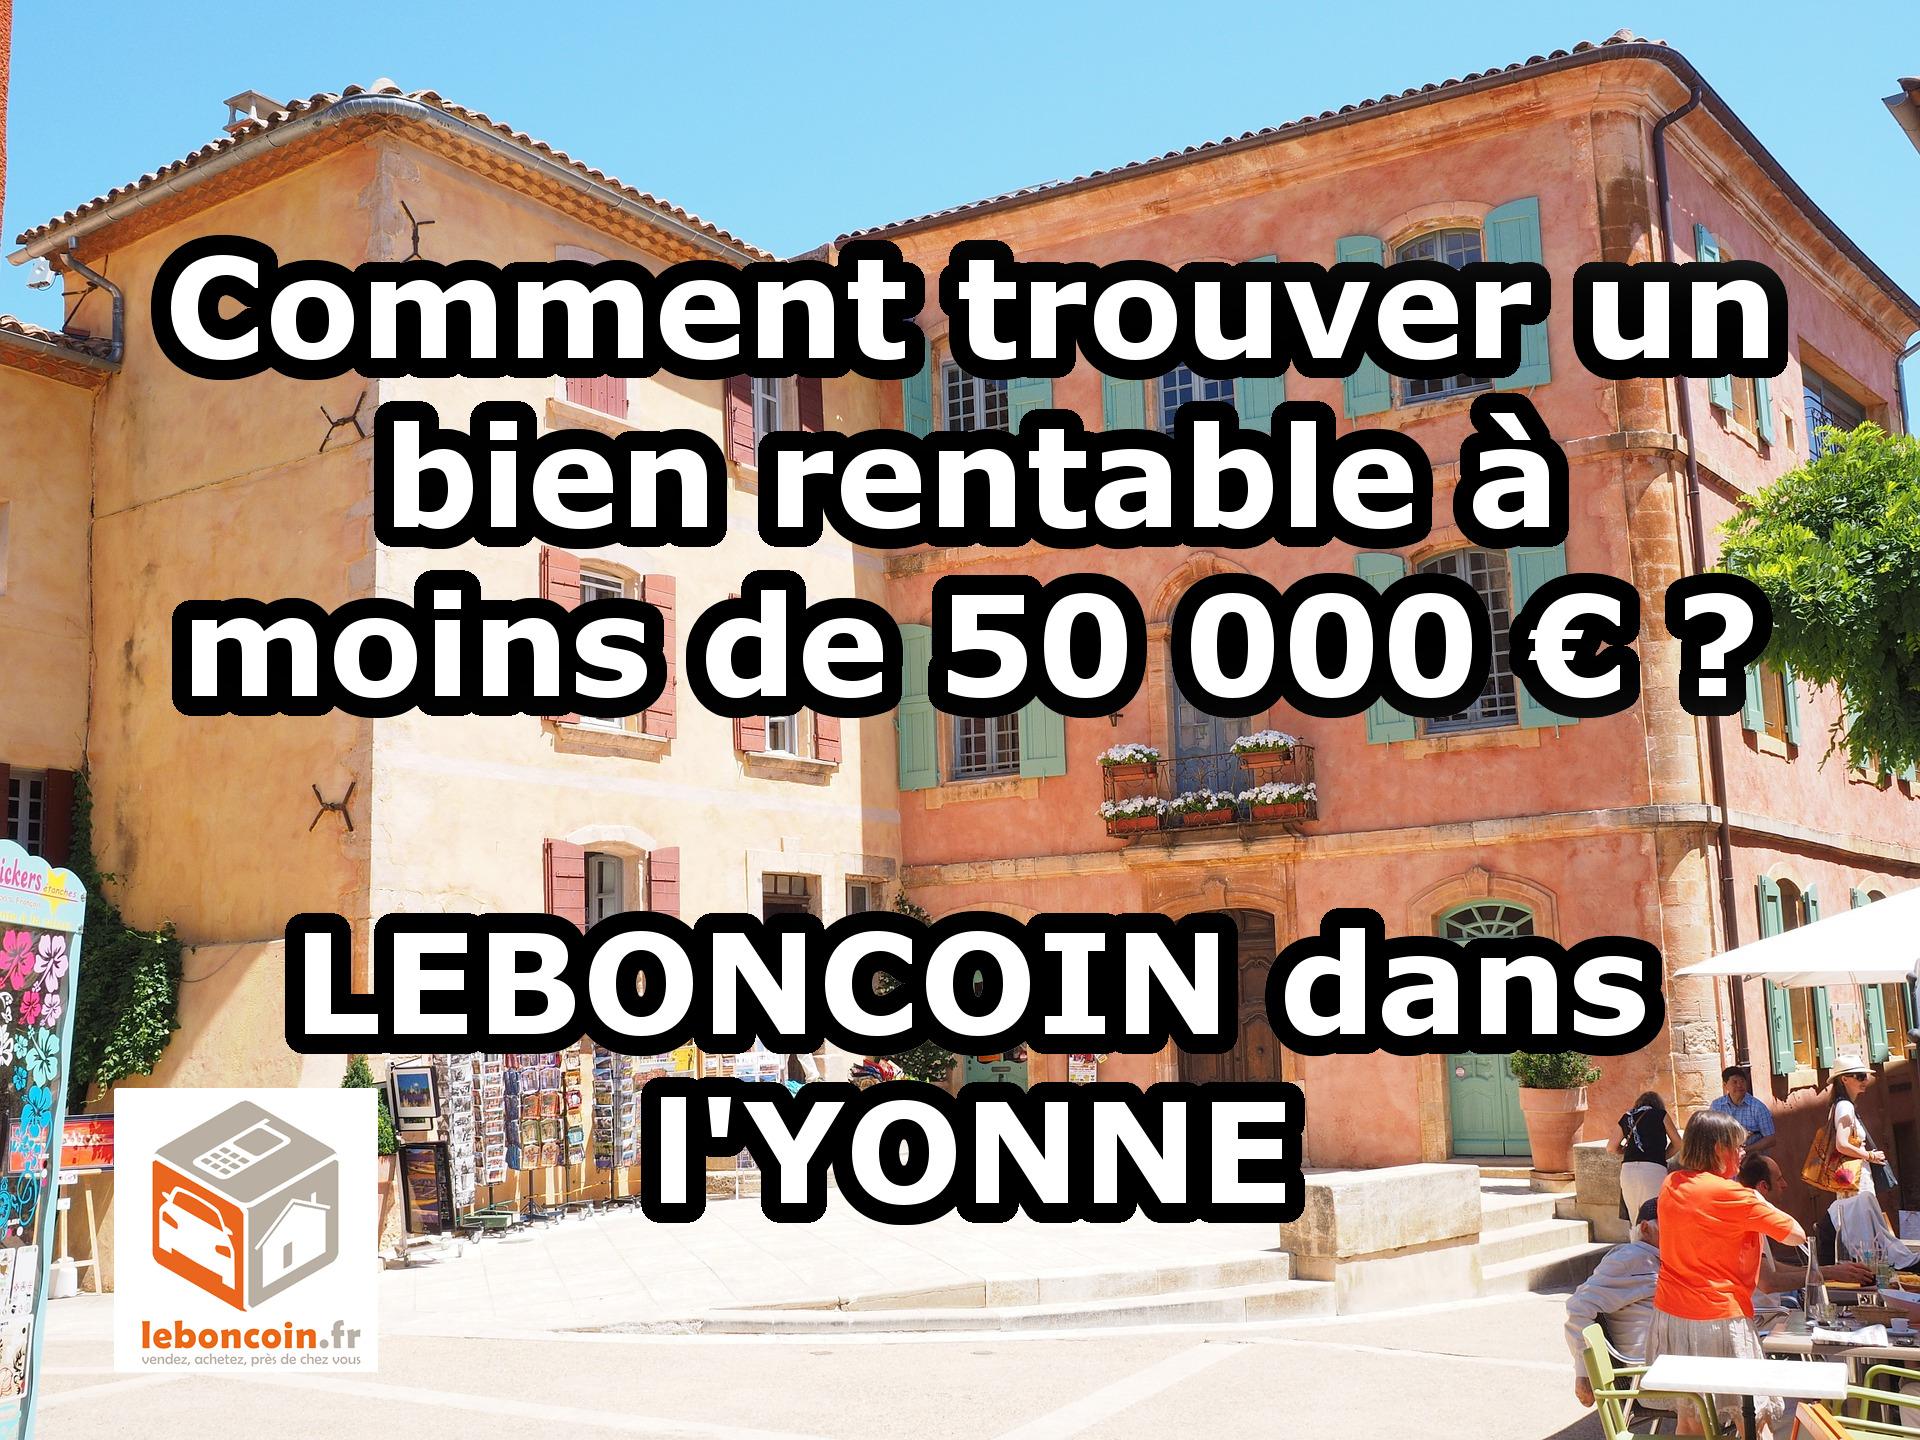 comment trouver un bien rentable moins de 50 000 euros leboncoin esprit millionnaire. Black Bedroom Furniture Sets. Home Design Ideas